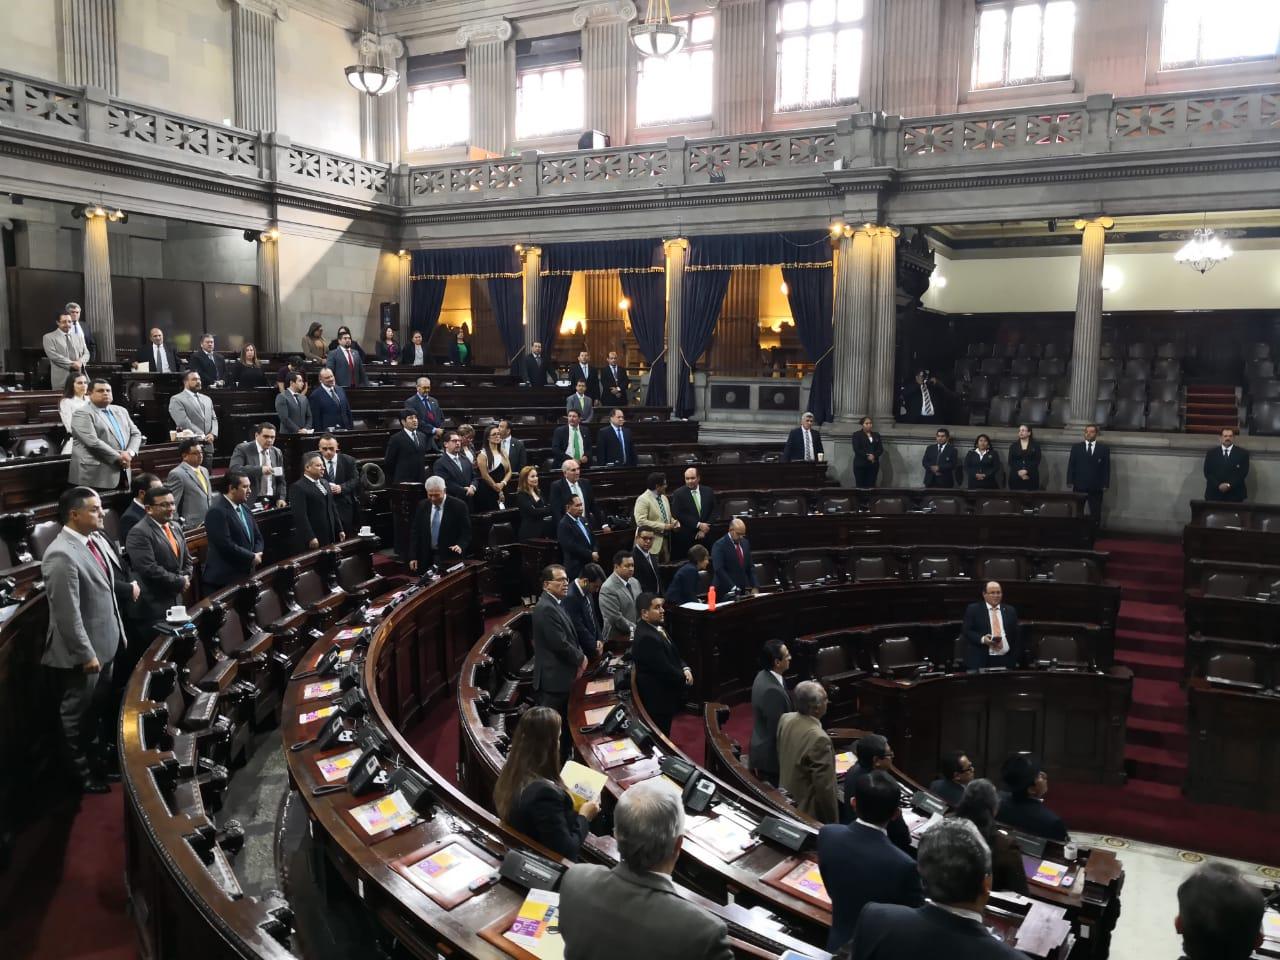 Los diputados no lograron consensos y pospusieron la aprobación del préstamo para el proyecto Crecer Sano. (Foto Prensa Libre: Carlos Álvarez)